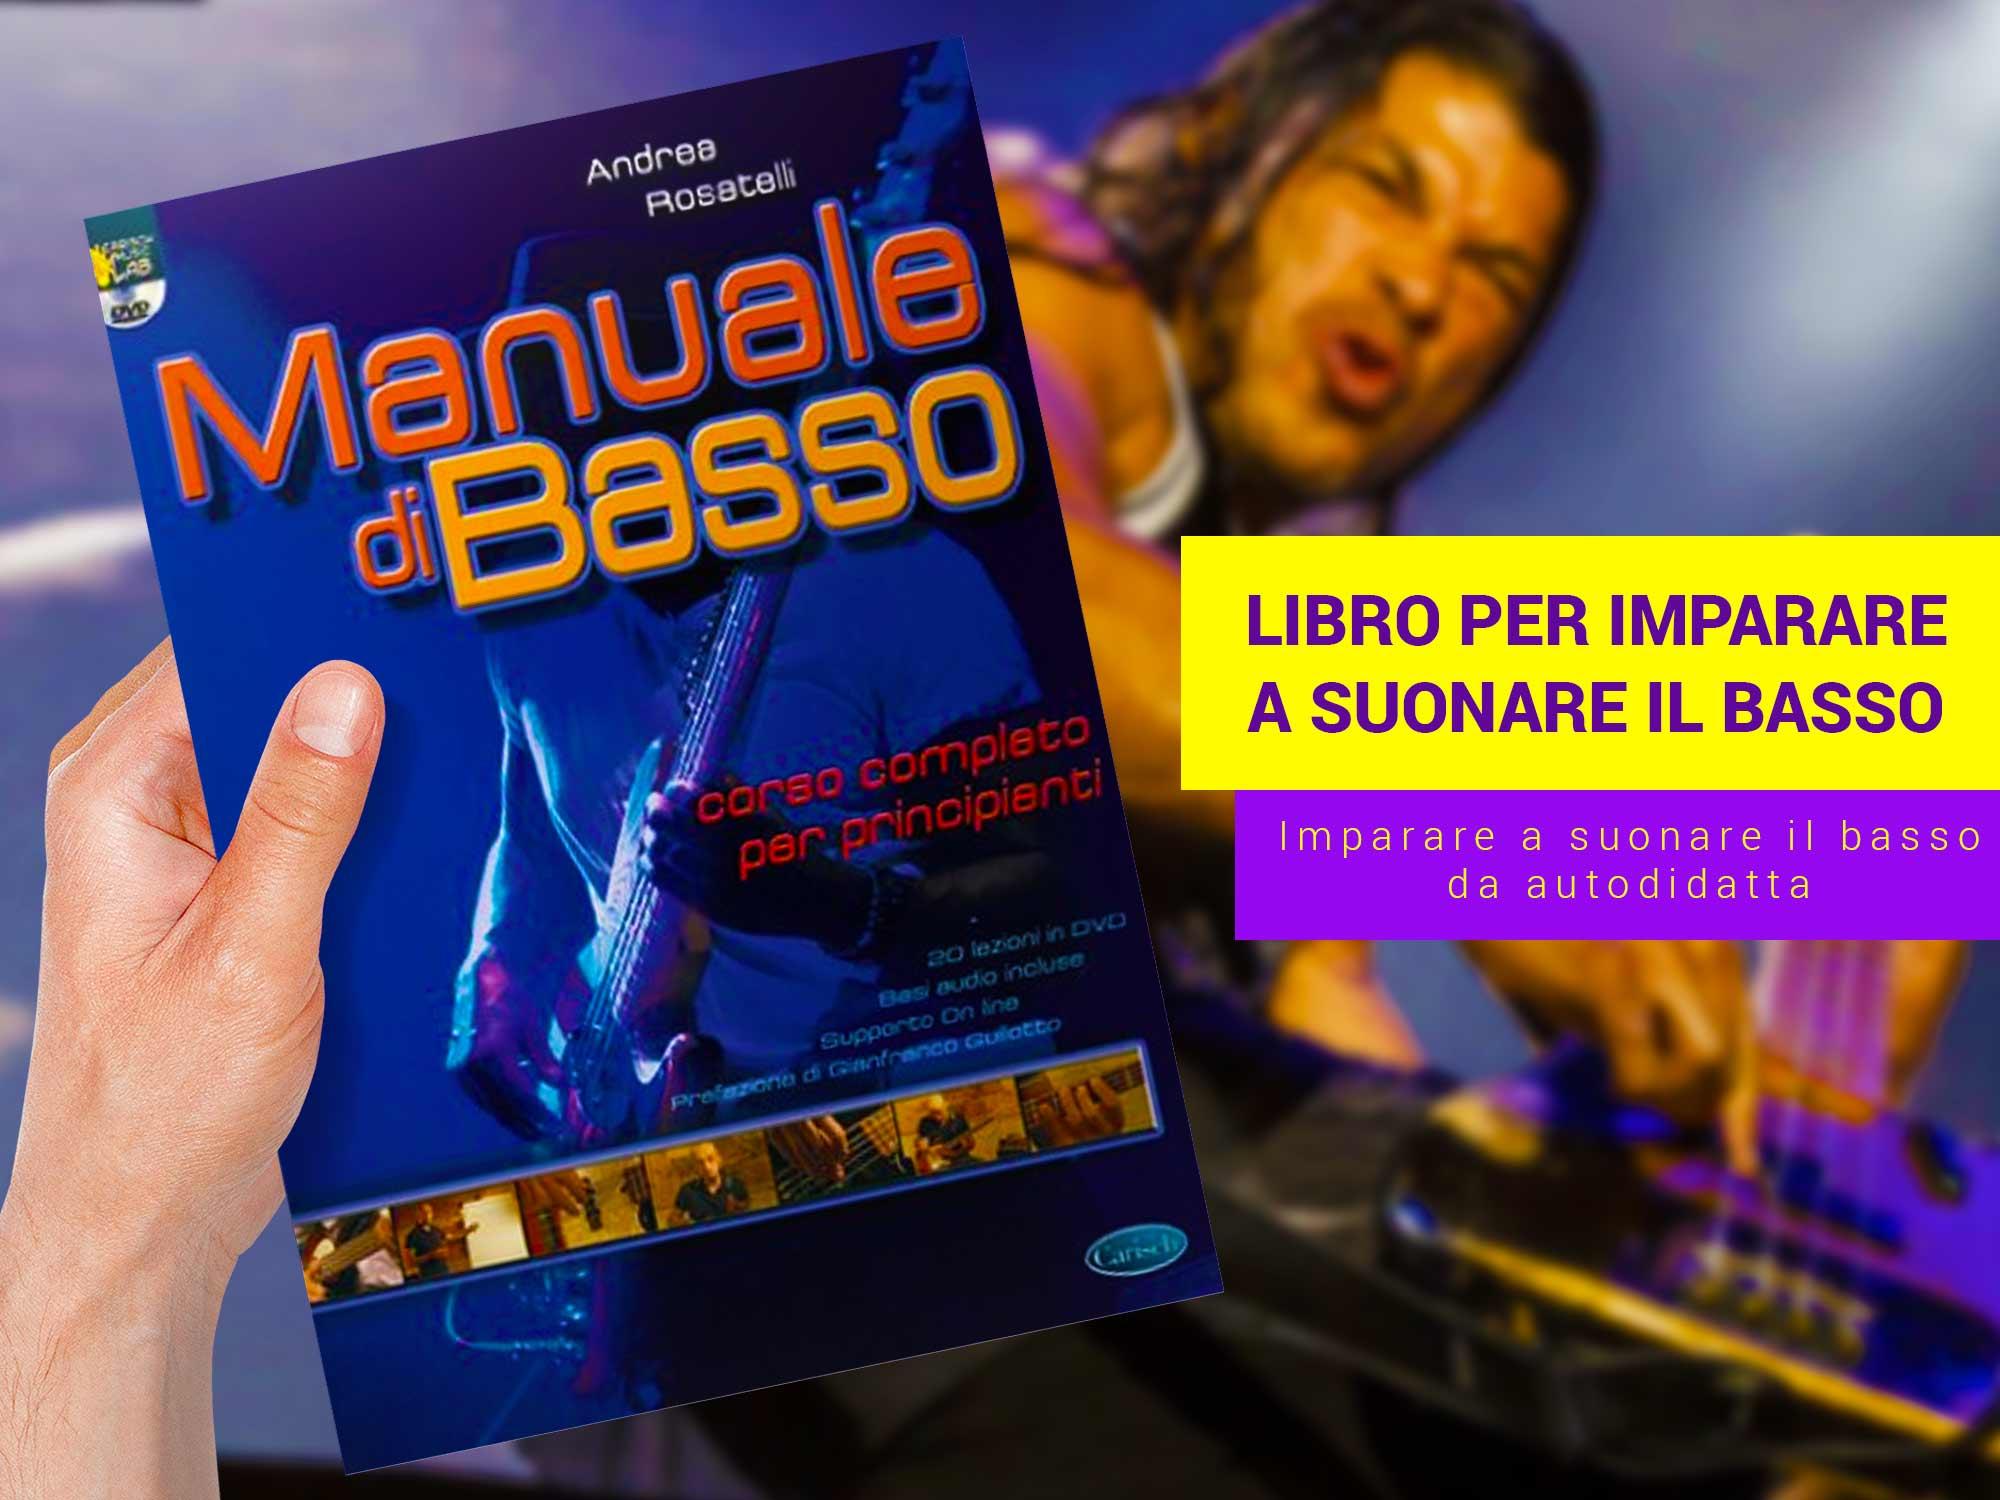 libro-per-imparare-a-suonare-il-basso